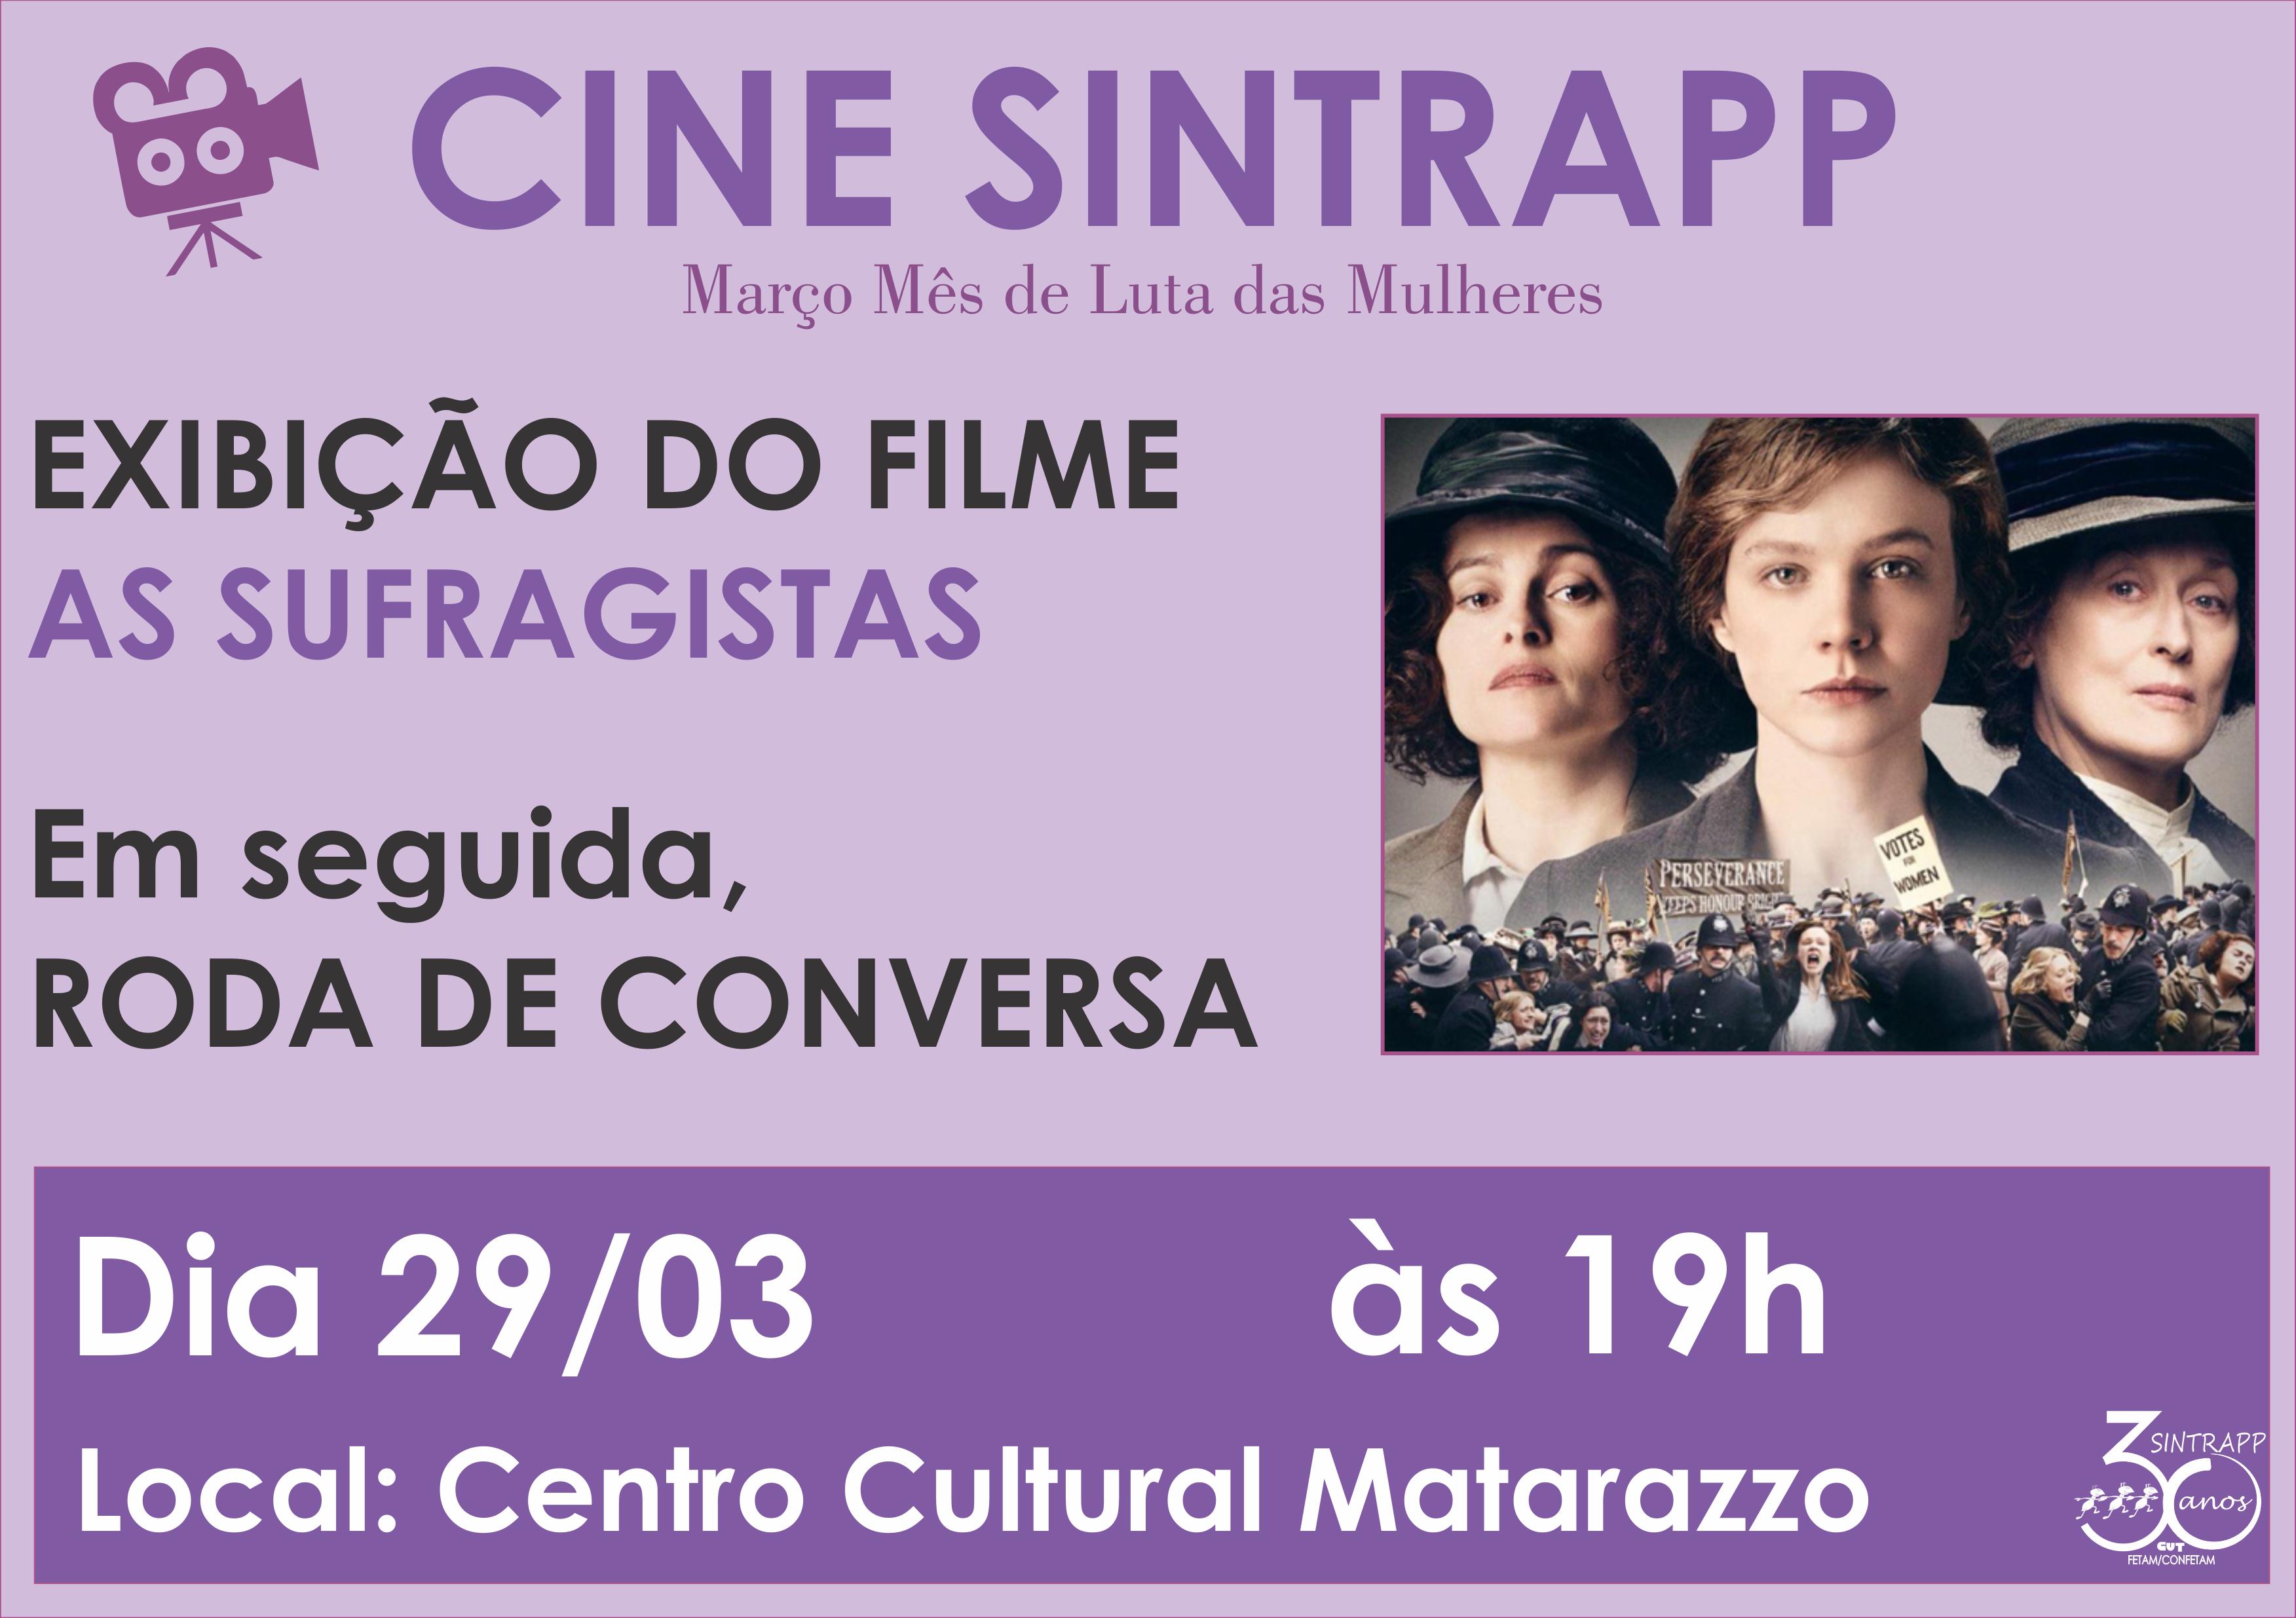 Cine SINTRAPP: As Sufragistas